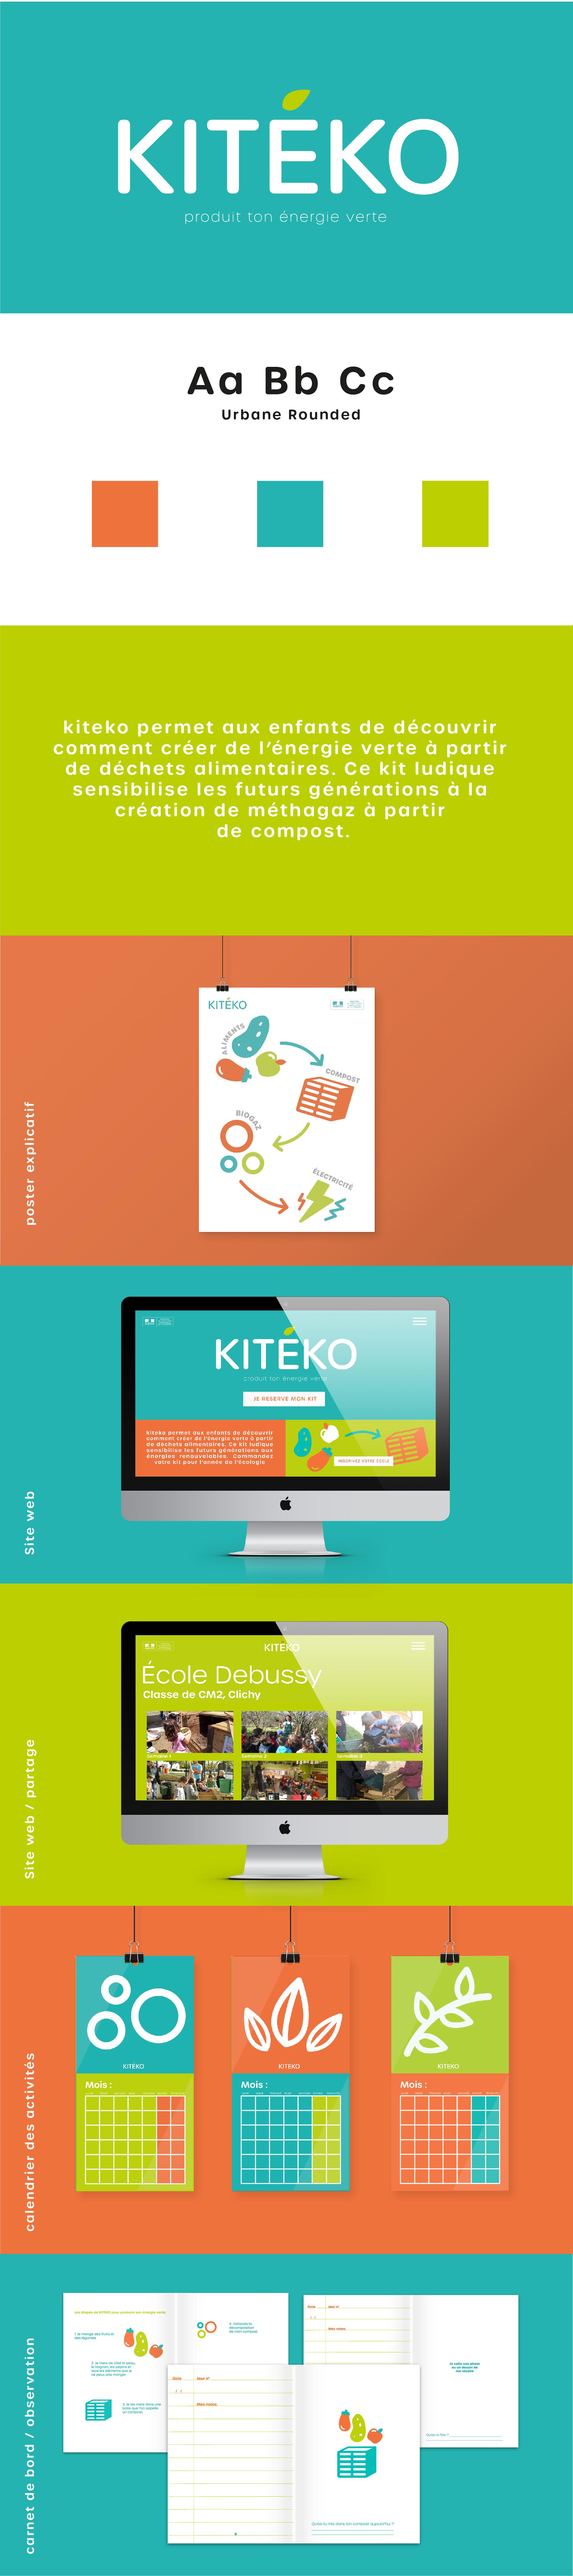 Plan de travail 3Kiteko